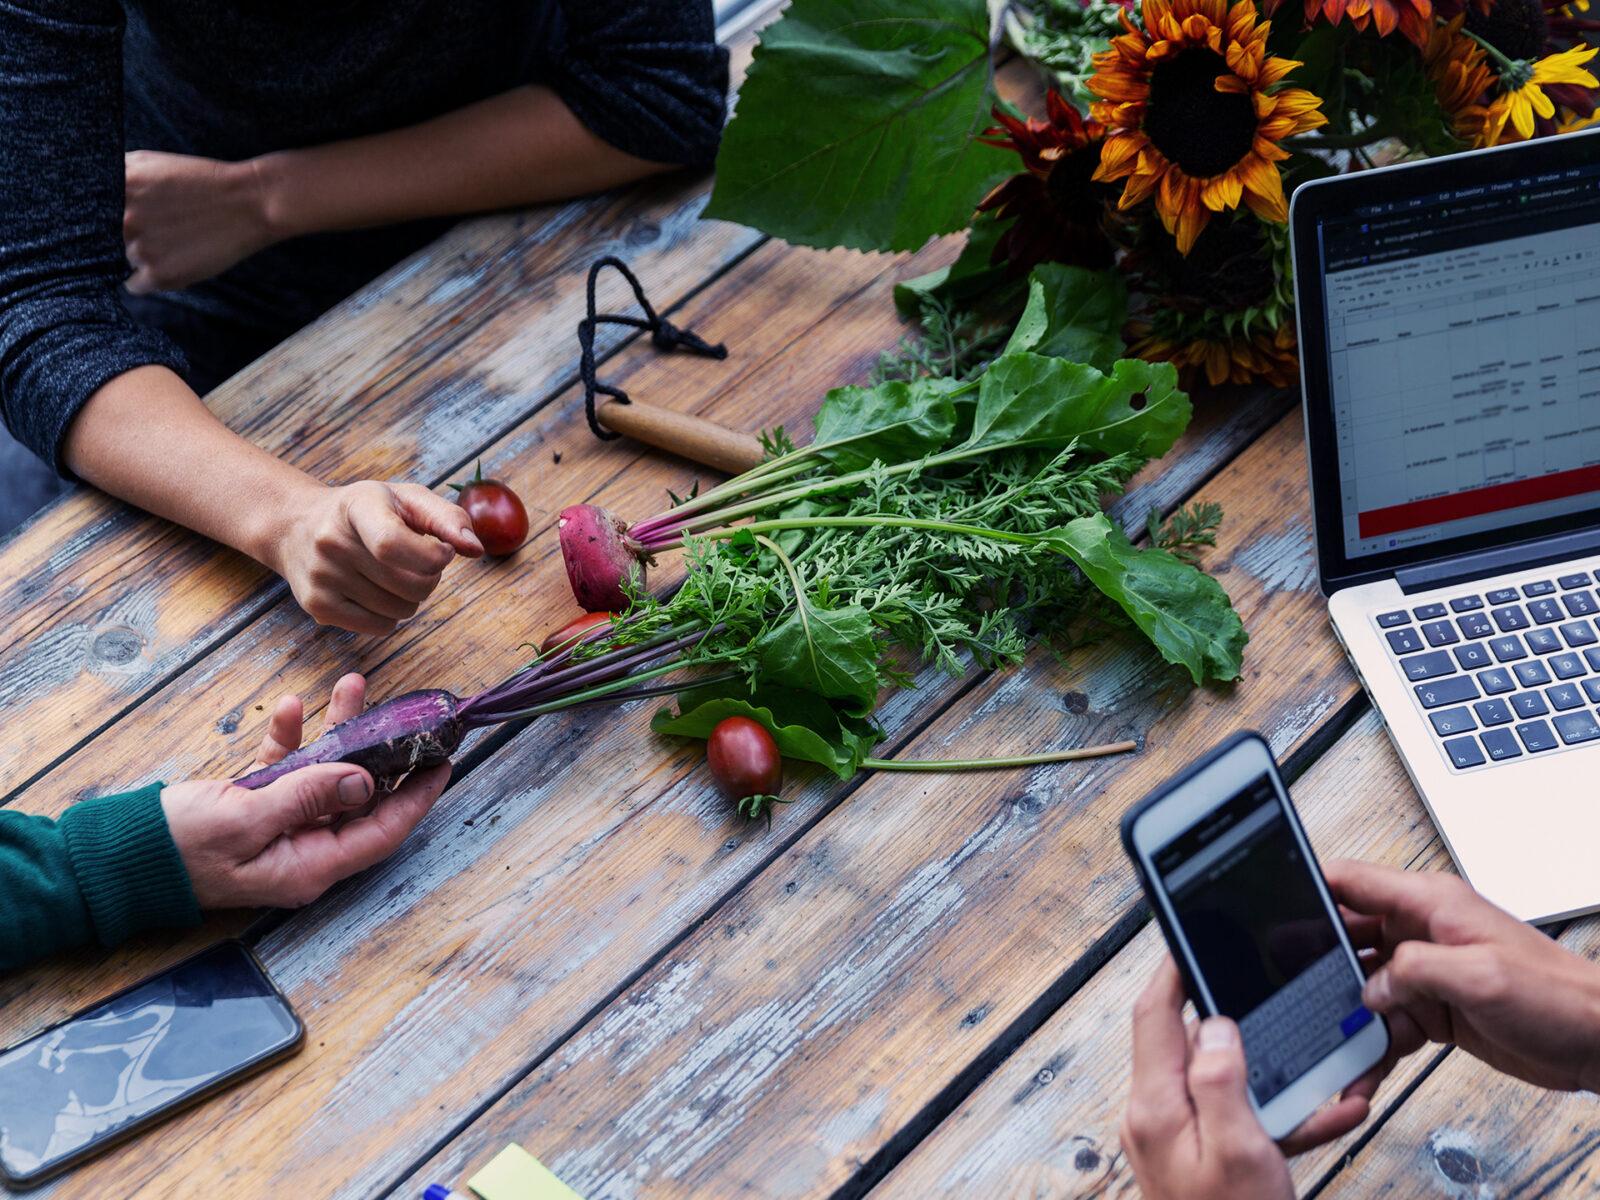 Utomhusmöte, möte, laptop, mobil, rödbeta, grönsaker, händer, hand, solros, mobiltelefon, dator,